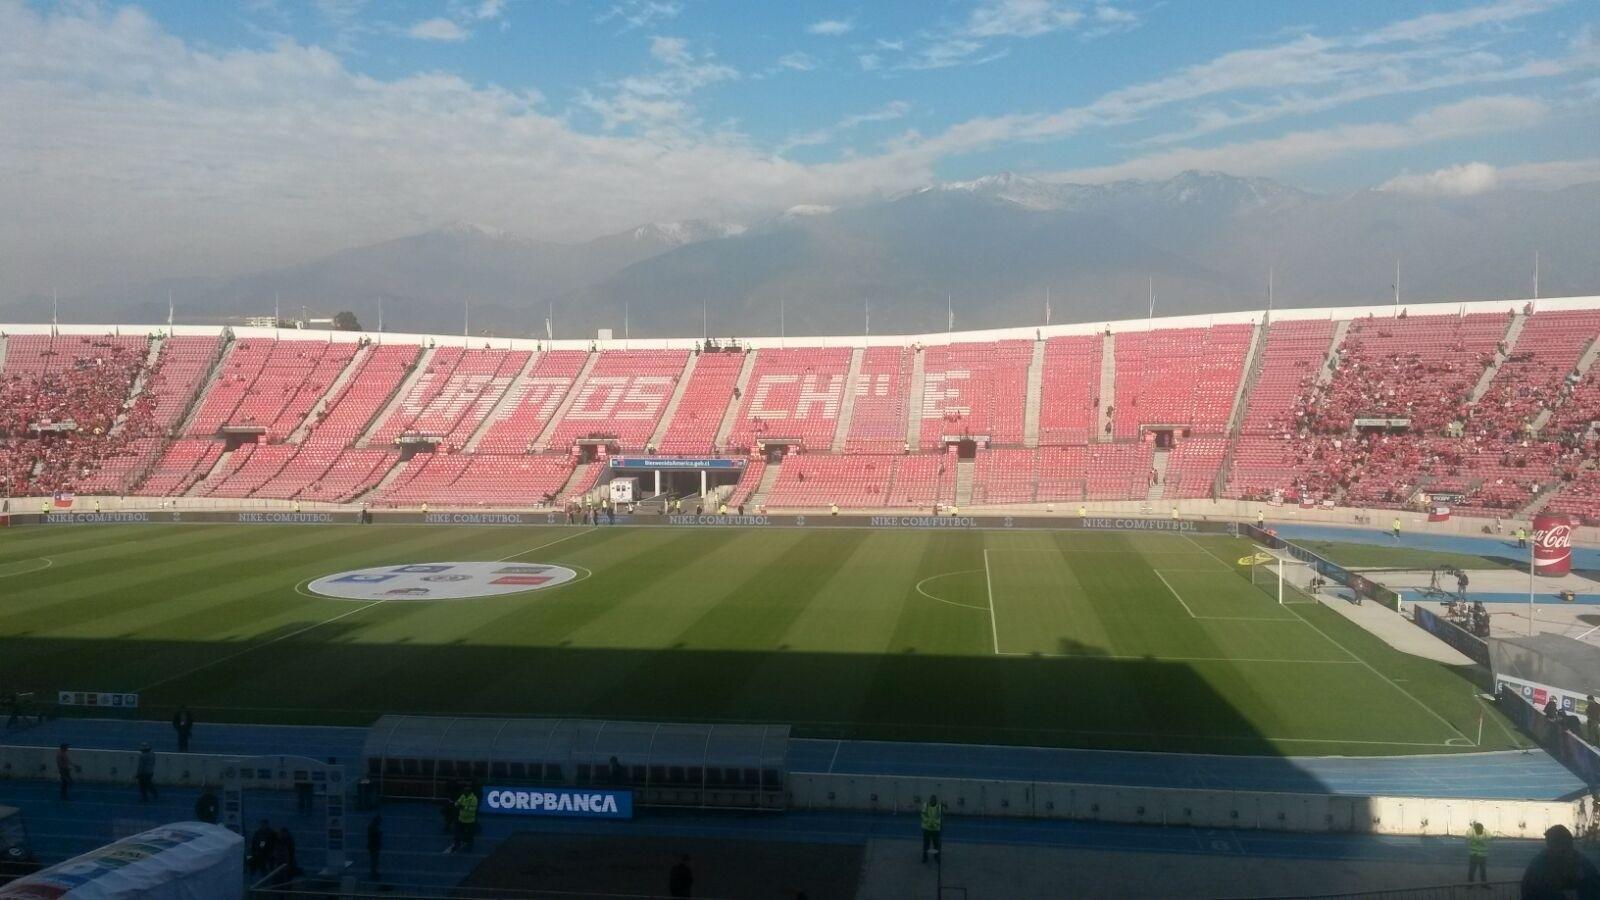 Torcedores do Chile já ocupam as arquibancadas do Estádio Nacional, palco do jogo contra o Brasil nas Eliminatórias da Copa